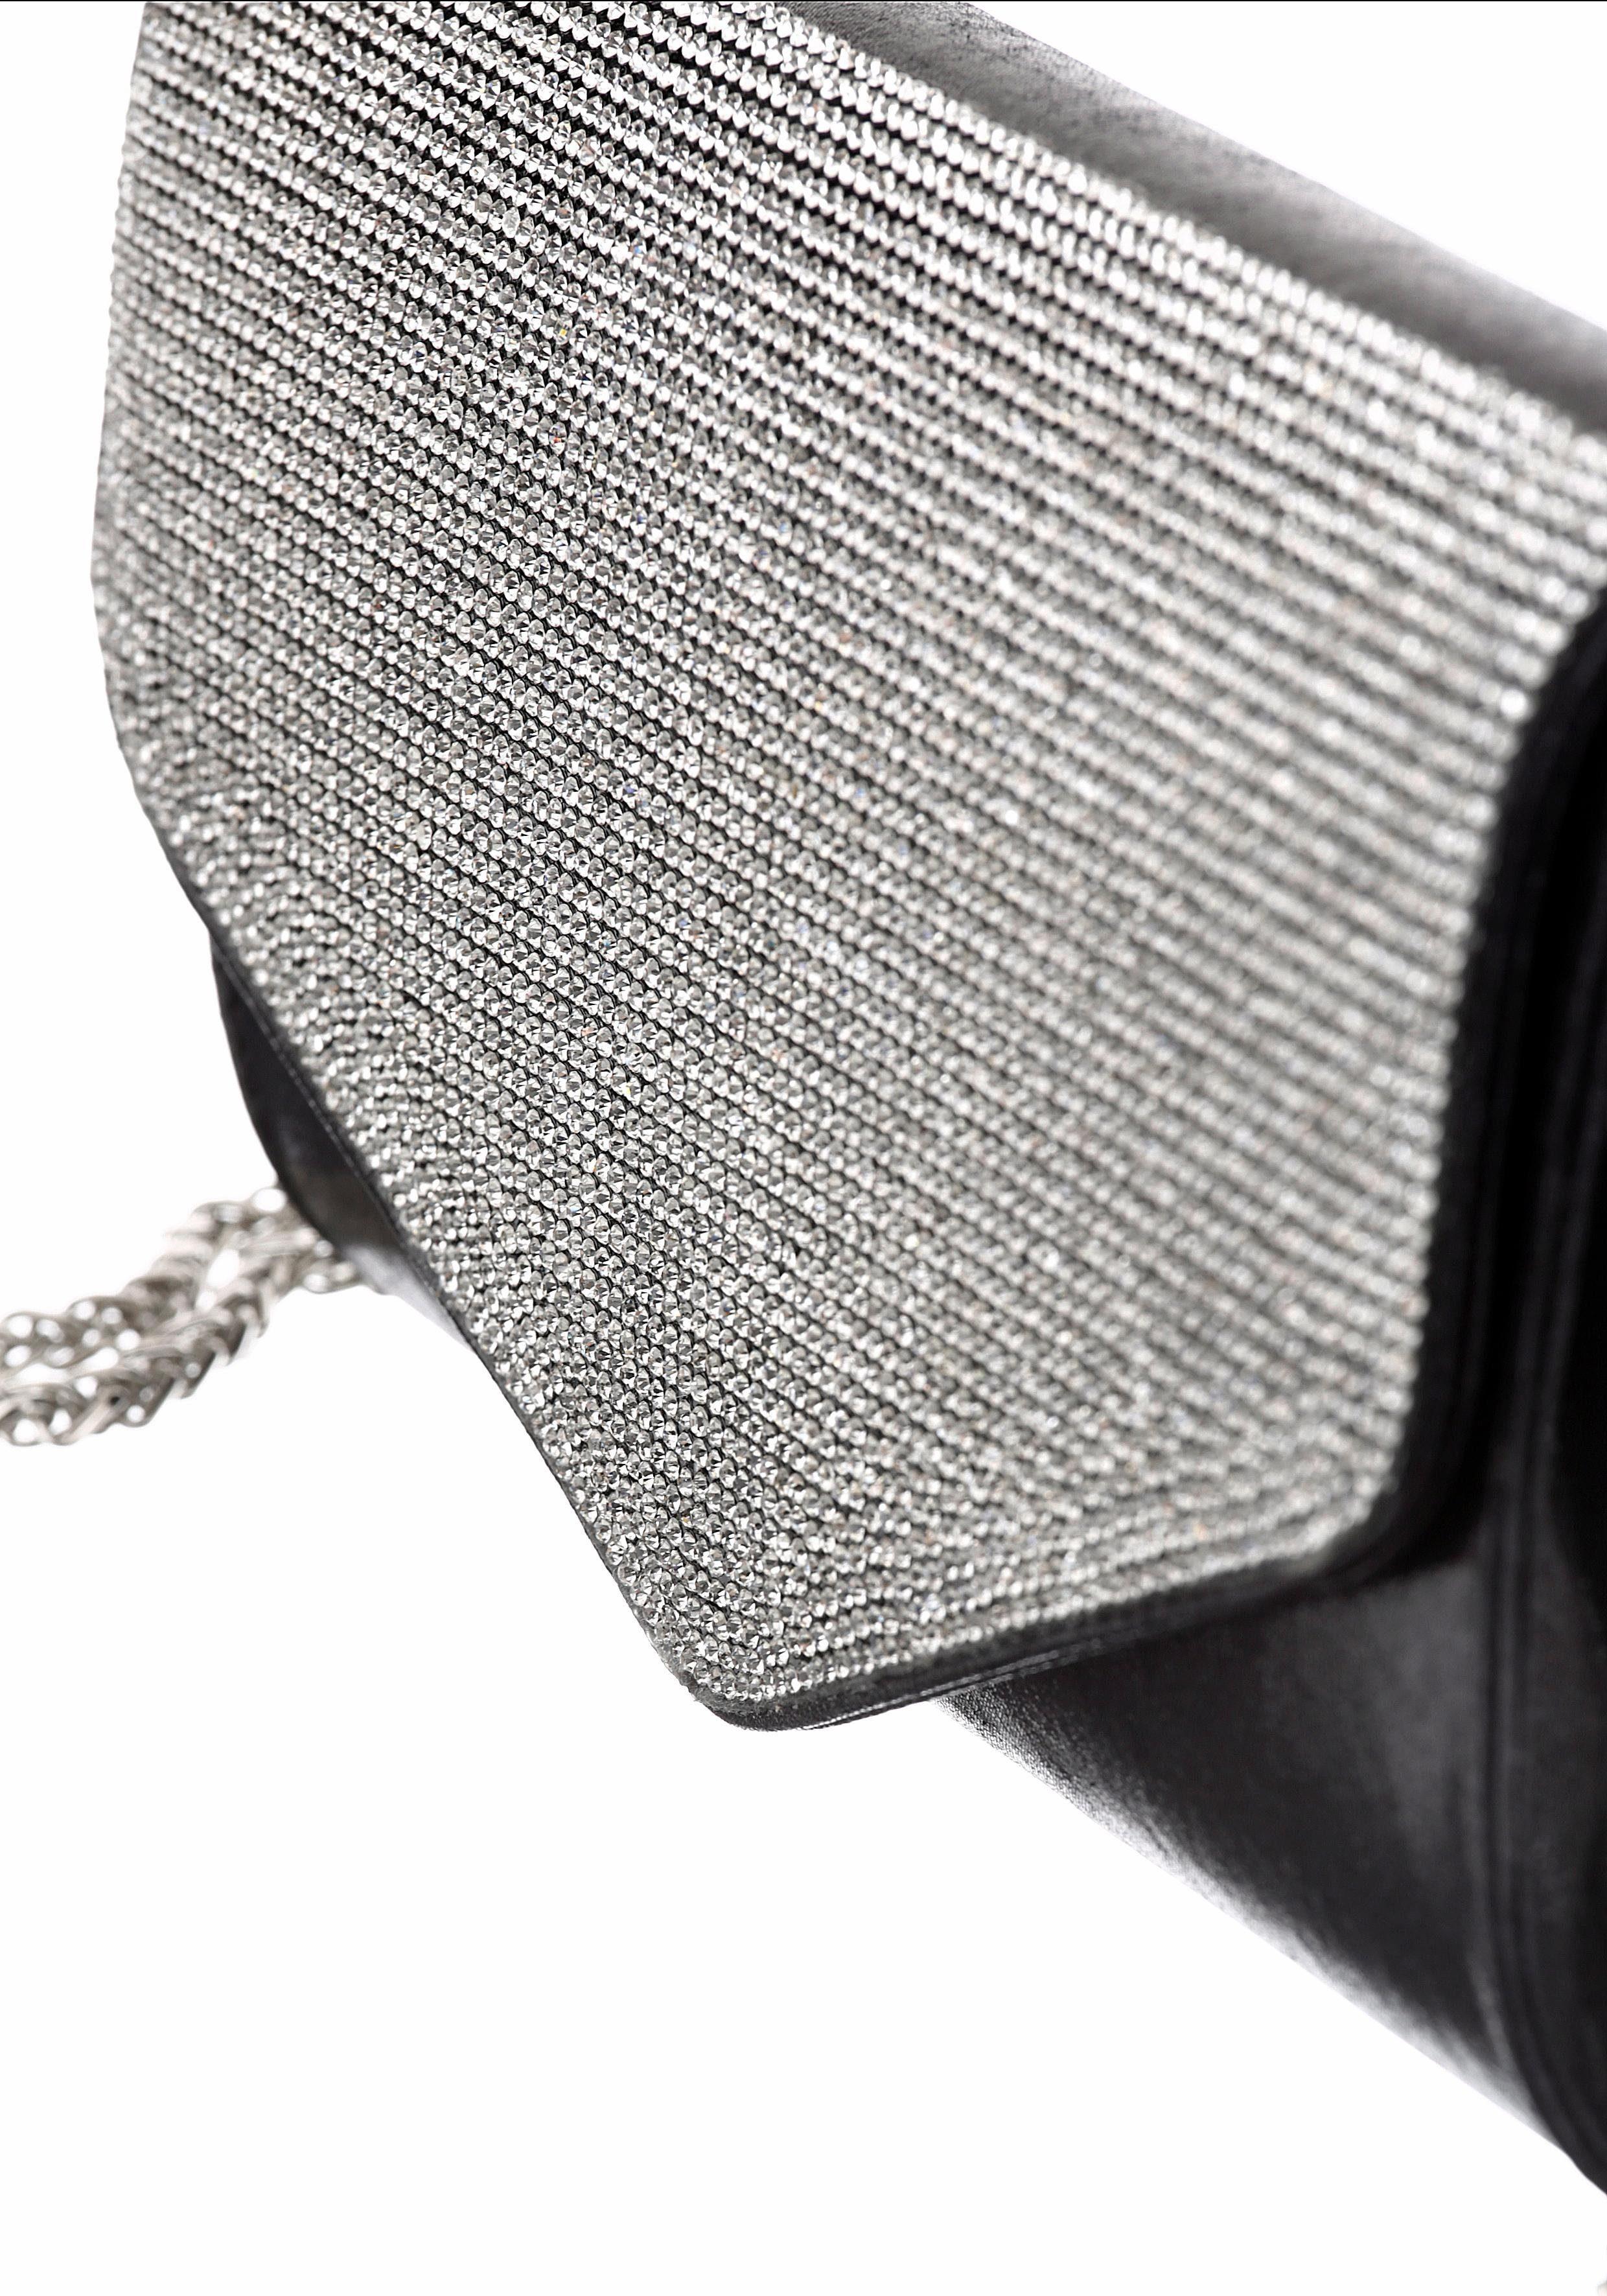 Metallic Optik Besetzt Steinchen In Mit Scott Laura Clutch xwqp4AY0